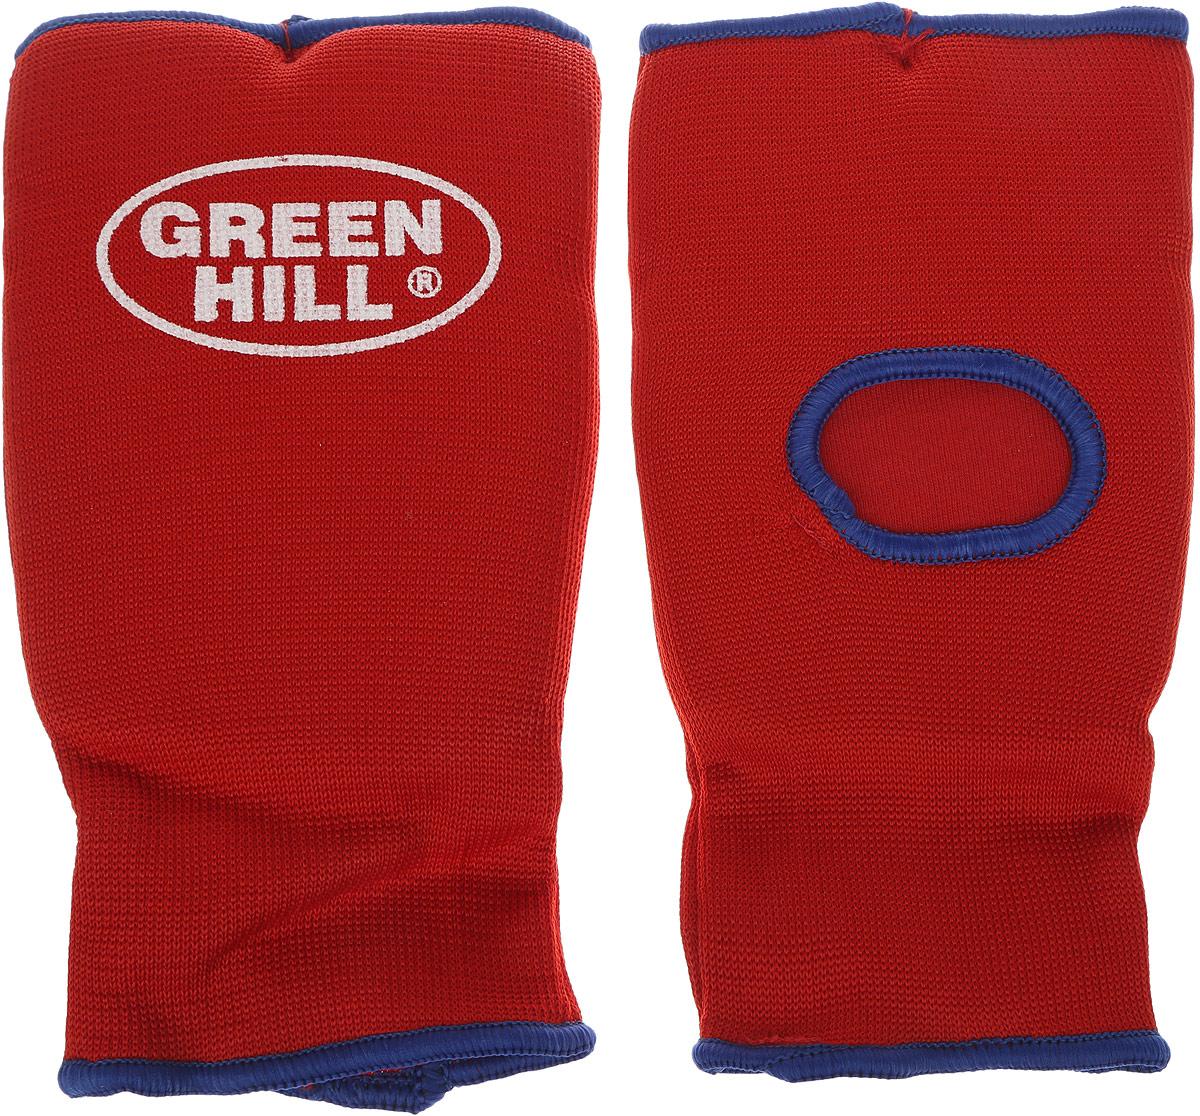 Защита на кисть Green Hill, цвет: красный, синий. Размер XL. HP-0053AP202004Защита на кисть Green Hill предназначена для занятий различными видами единоборств. Она защищает руки от синяков, вывихов и ушибов. Защита изготовлена из хлопка с эластаном, мягкие вкладки изготовлены из вспененного полимера. Растягивается до 40%.